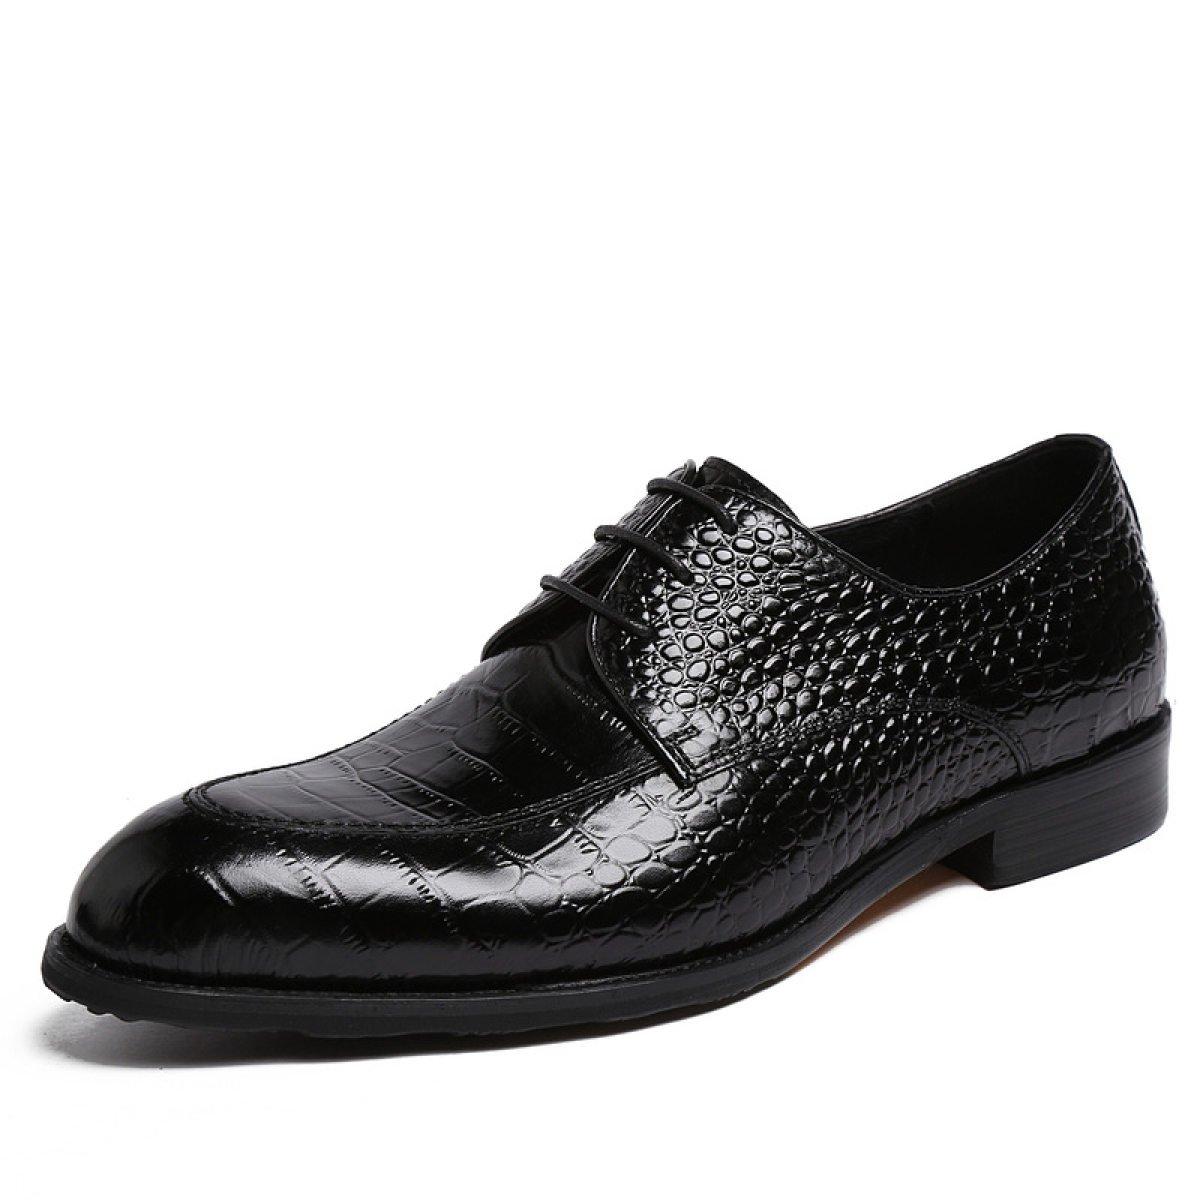 GRRONG Zapatos De Cuero De Los Hombres De Cuero De Vaca Banquetes Acentuadas 42 EU|Black